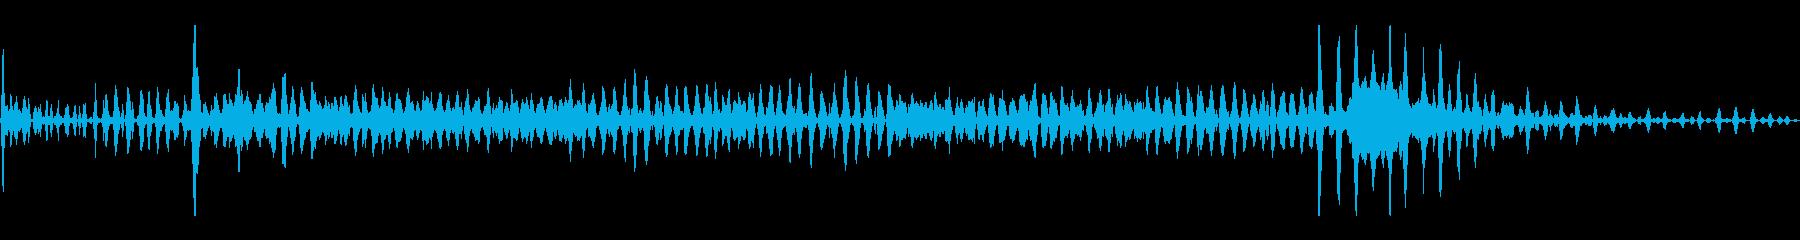 ウイウイウイピコーン(解析から解析結果)の再生済みの波形